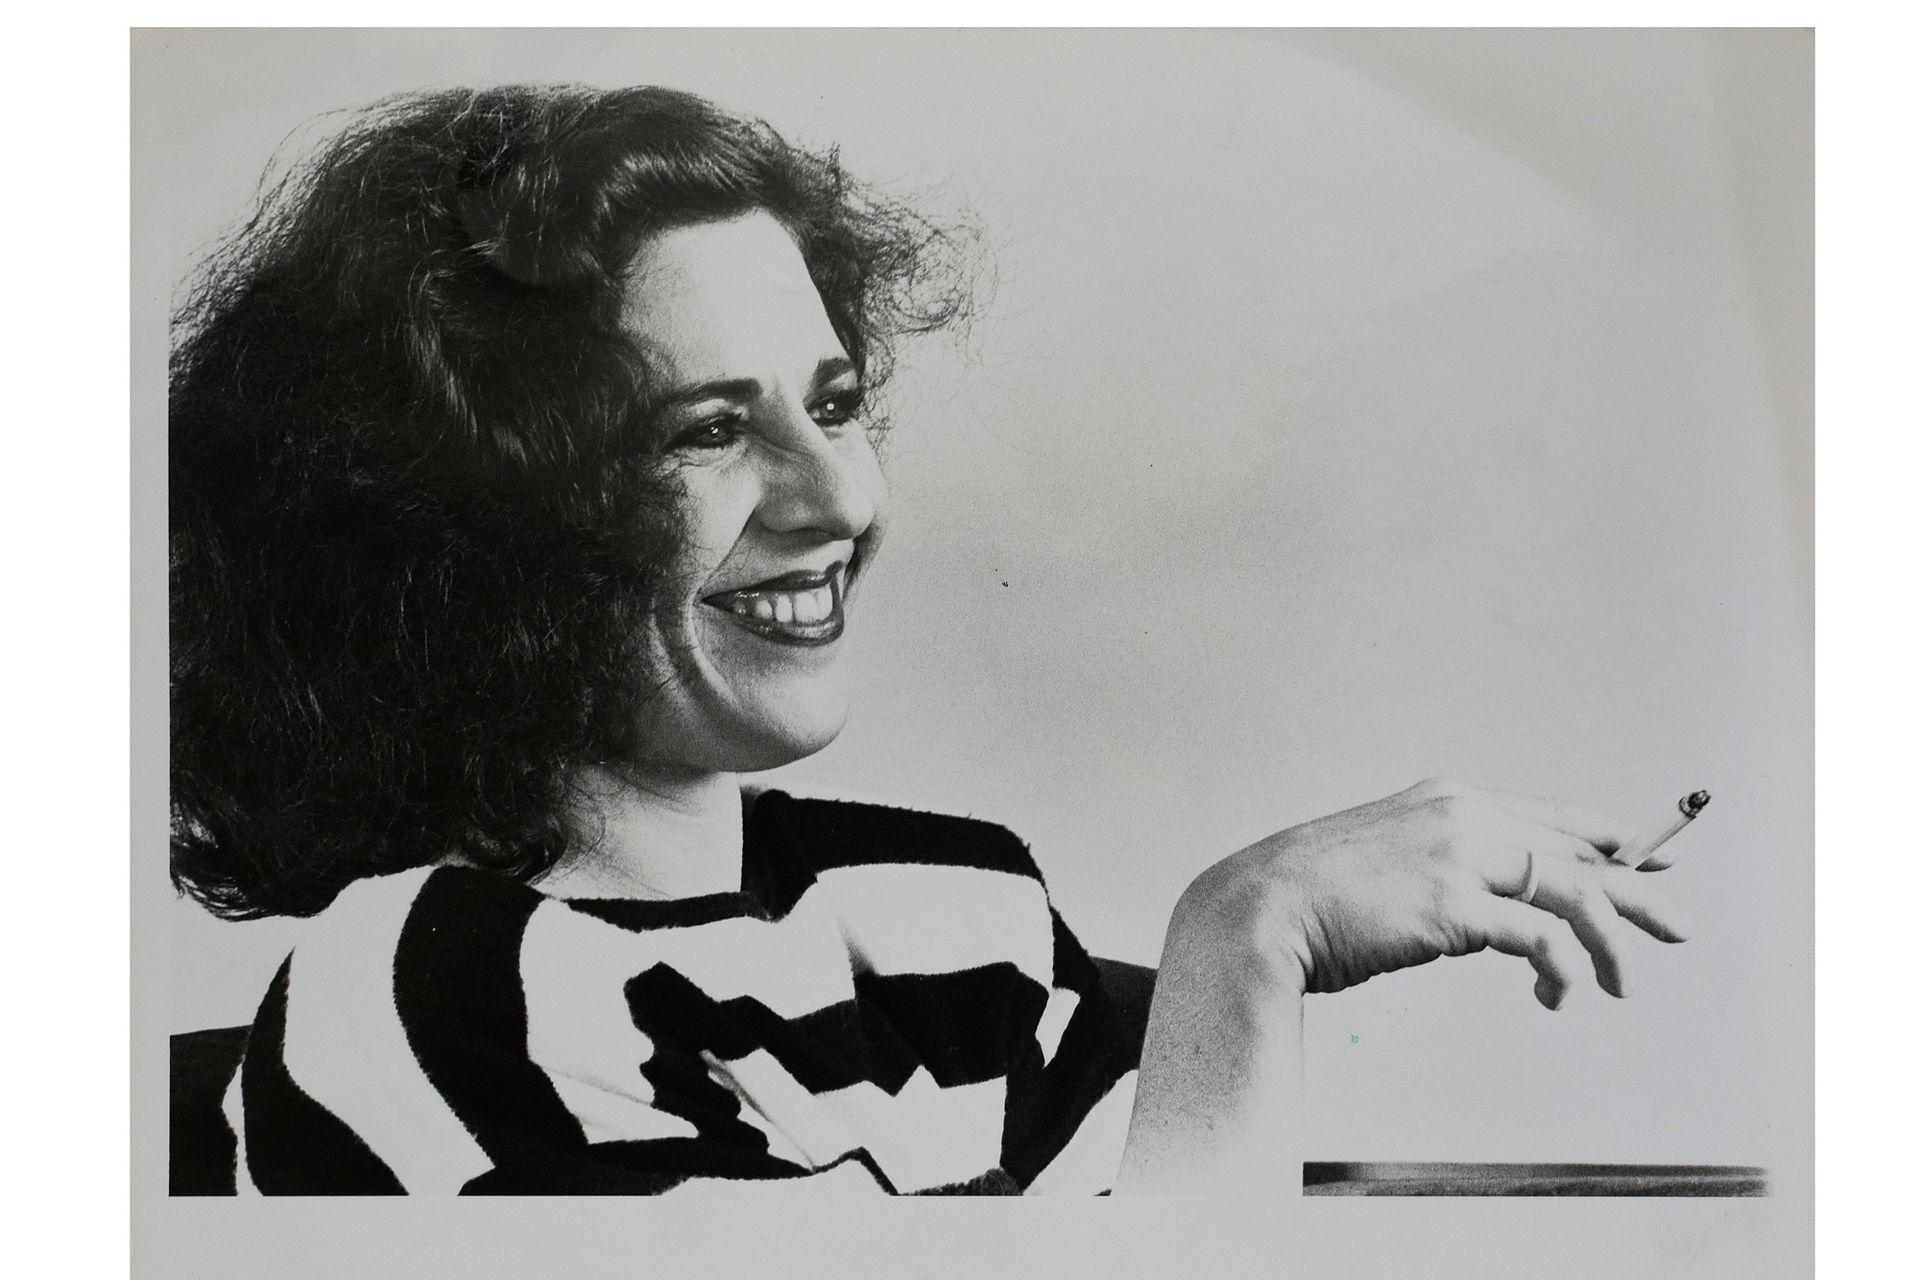 Reproducciones de copias encontradas en la calle por Astrid Pikielny que pertenecieron al archivo de Tiempo Argentino, Cronista Comercial y La Opinión. Como en ese entonces se entregaban copias de las agencias también hay de DyN y de Telam. Corresponden a la década del 70 y 80.